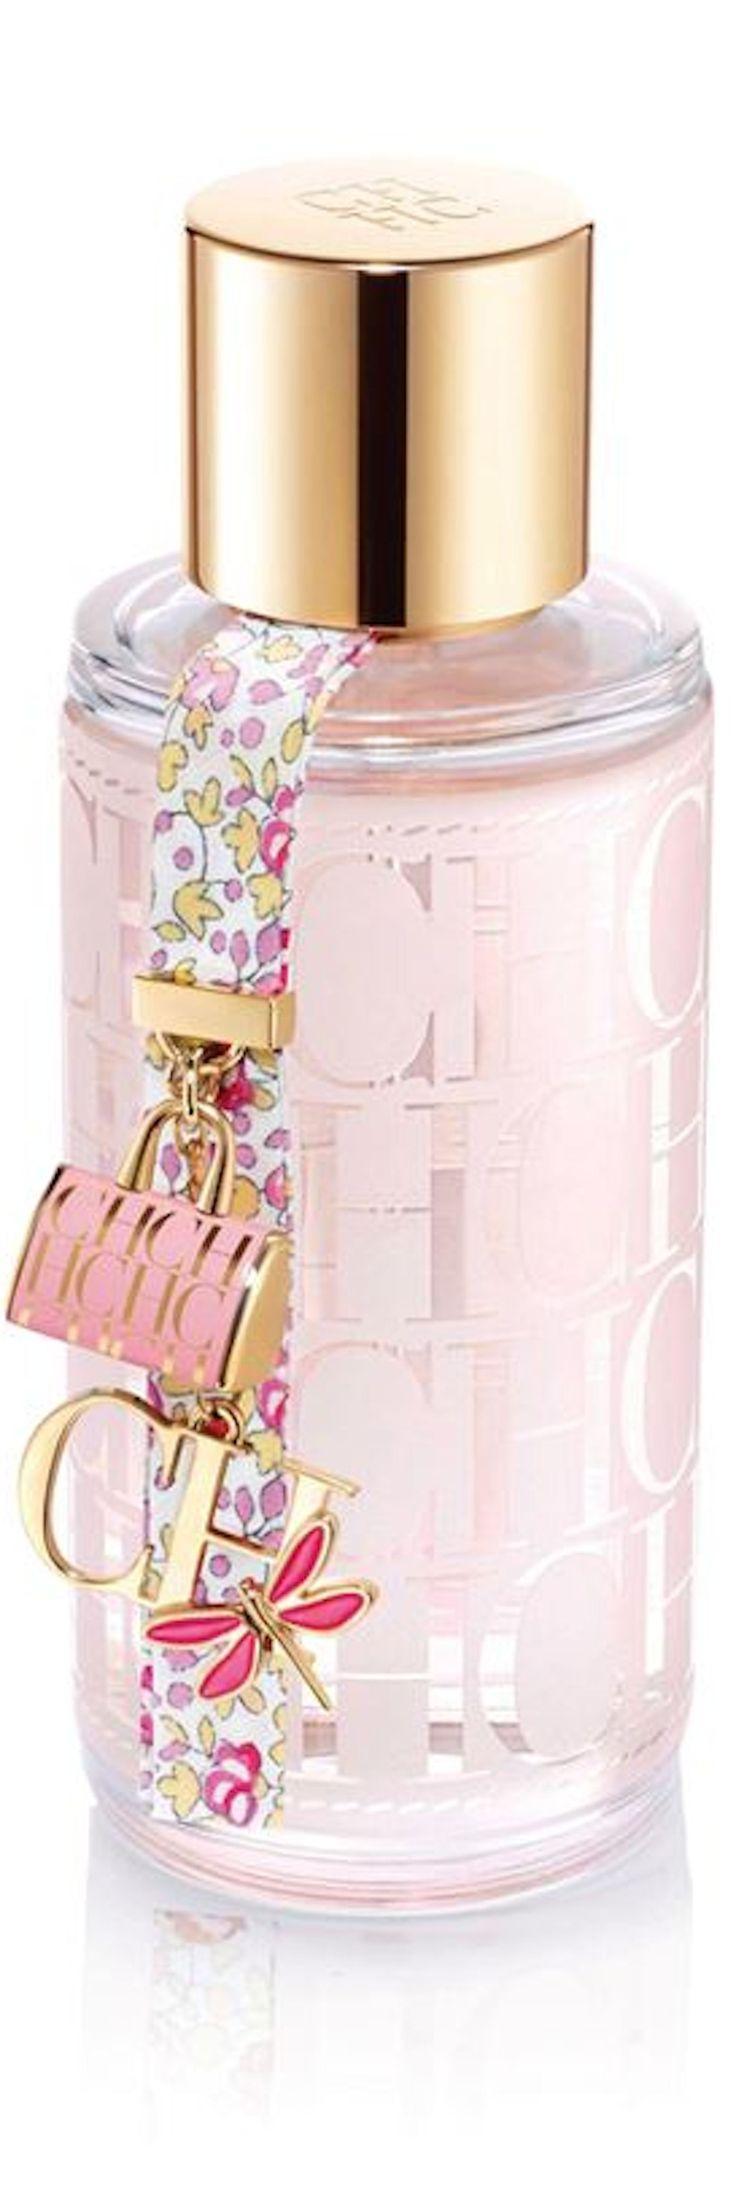 C.Herrera perfume ✿⊱╮